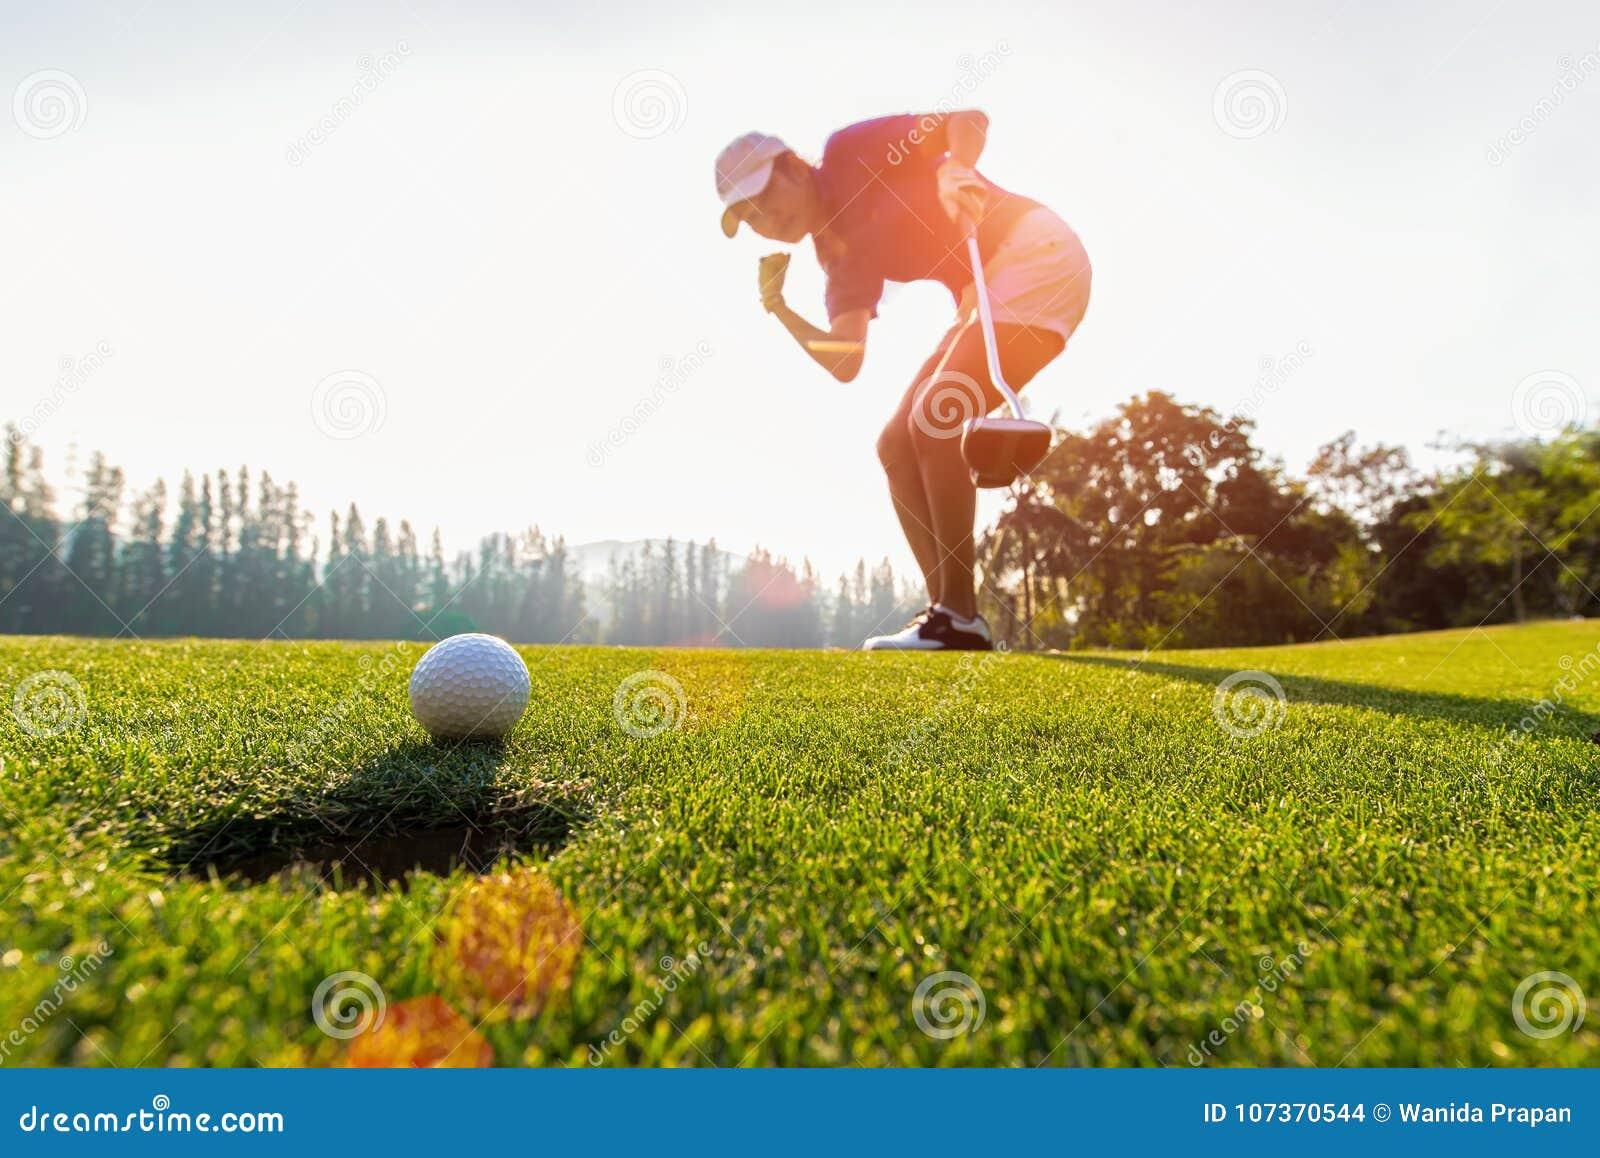 Asiatingolfspieleraktion, zum nach langem setzendem Golfball auf dem grünen Golf, Sonnenuntergangzeit zu gewinnen,